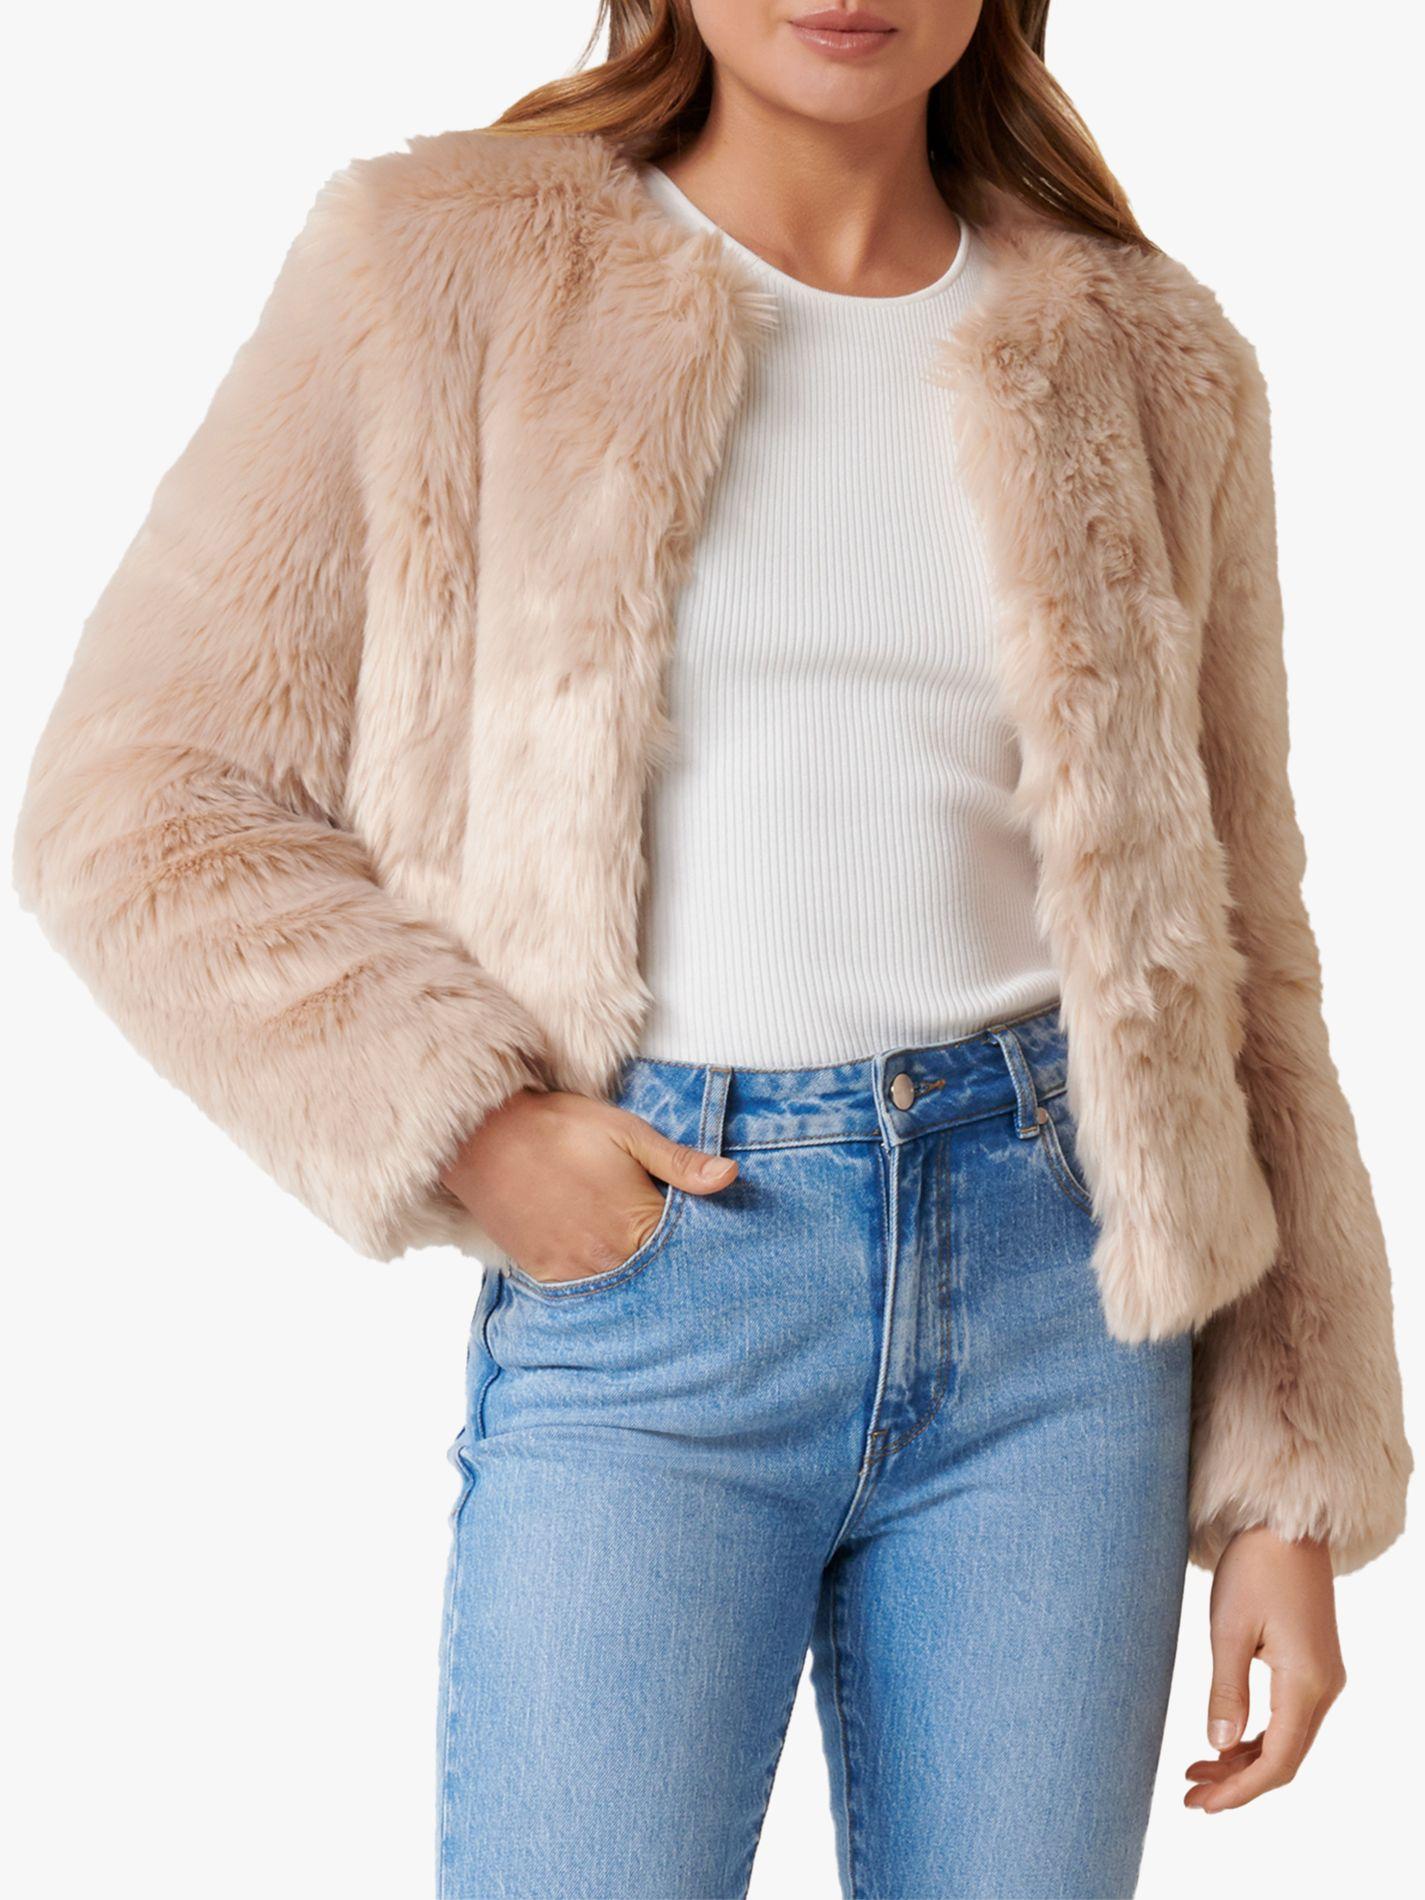 Lily Nude Faux Fur Jacket | Knitwear | PrettyLittleThing